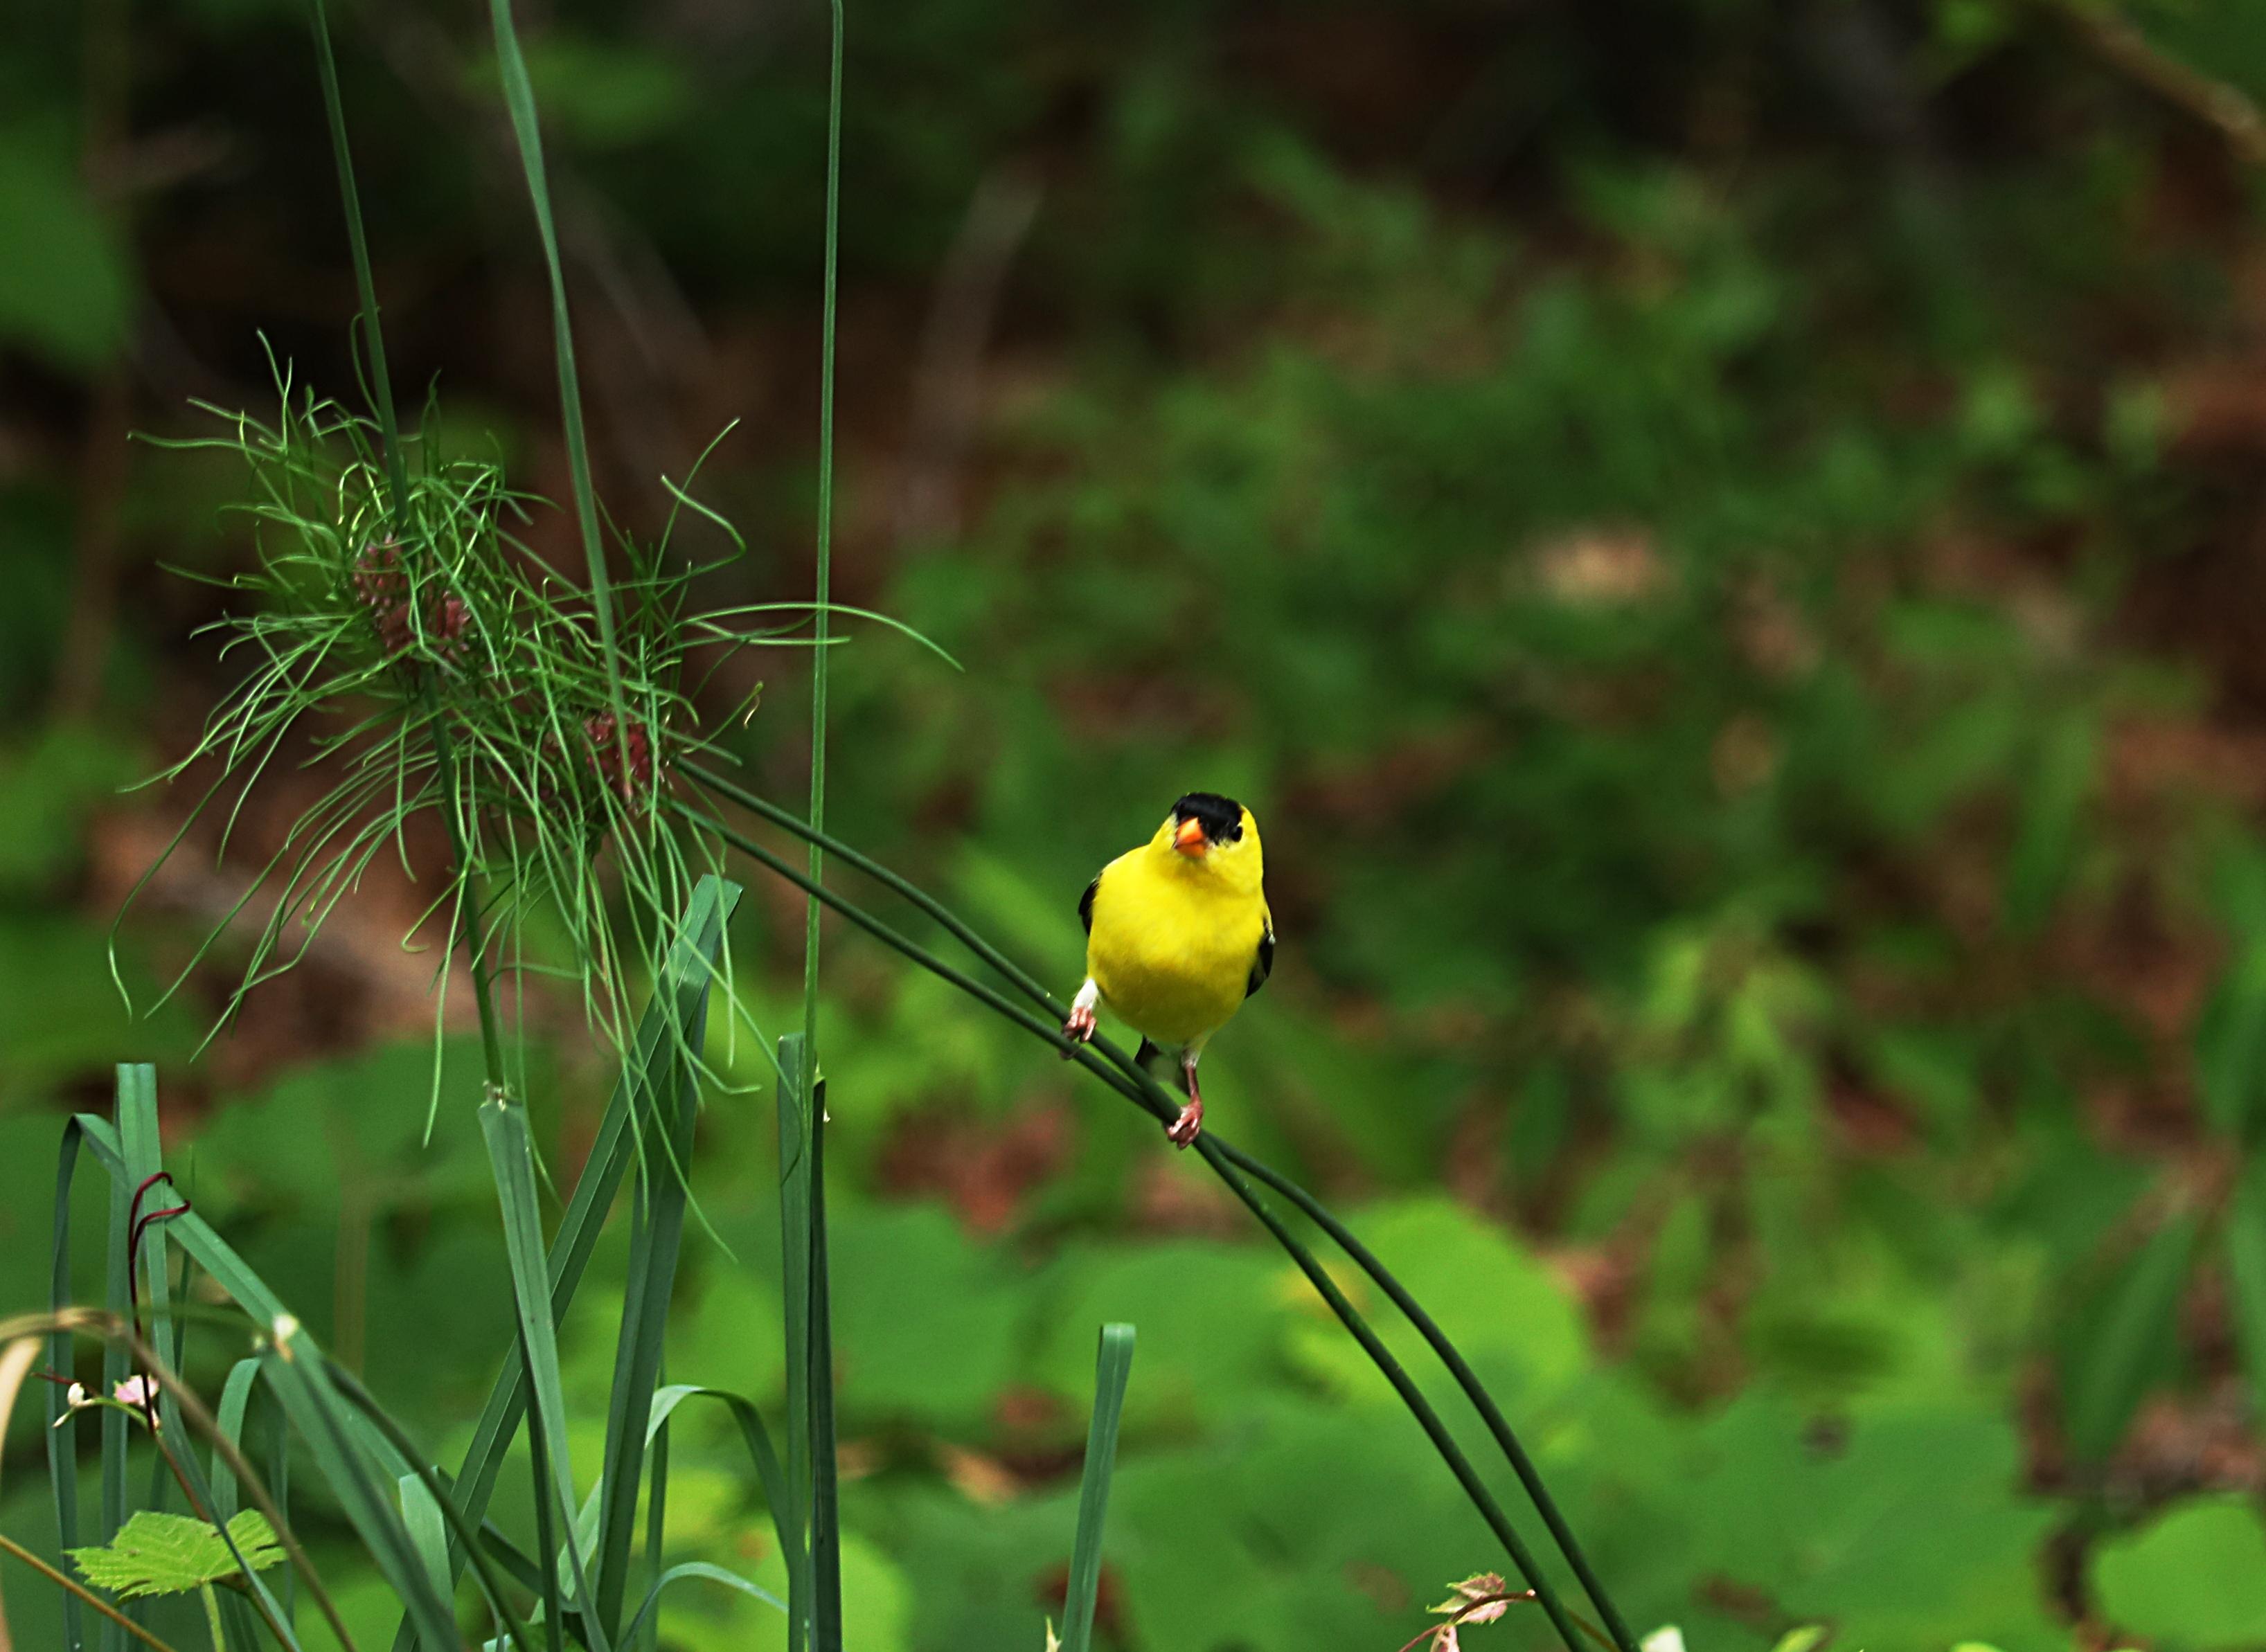 Yellow bird photo